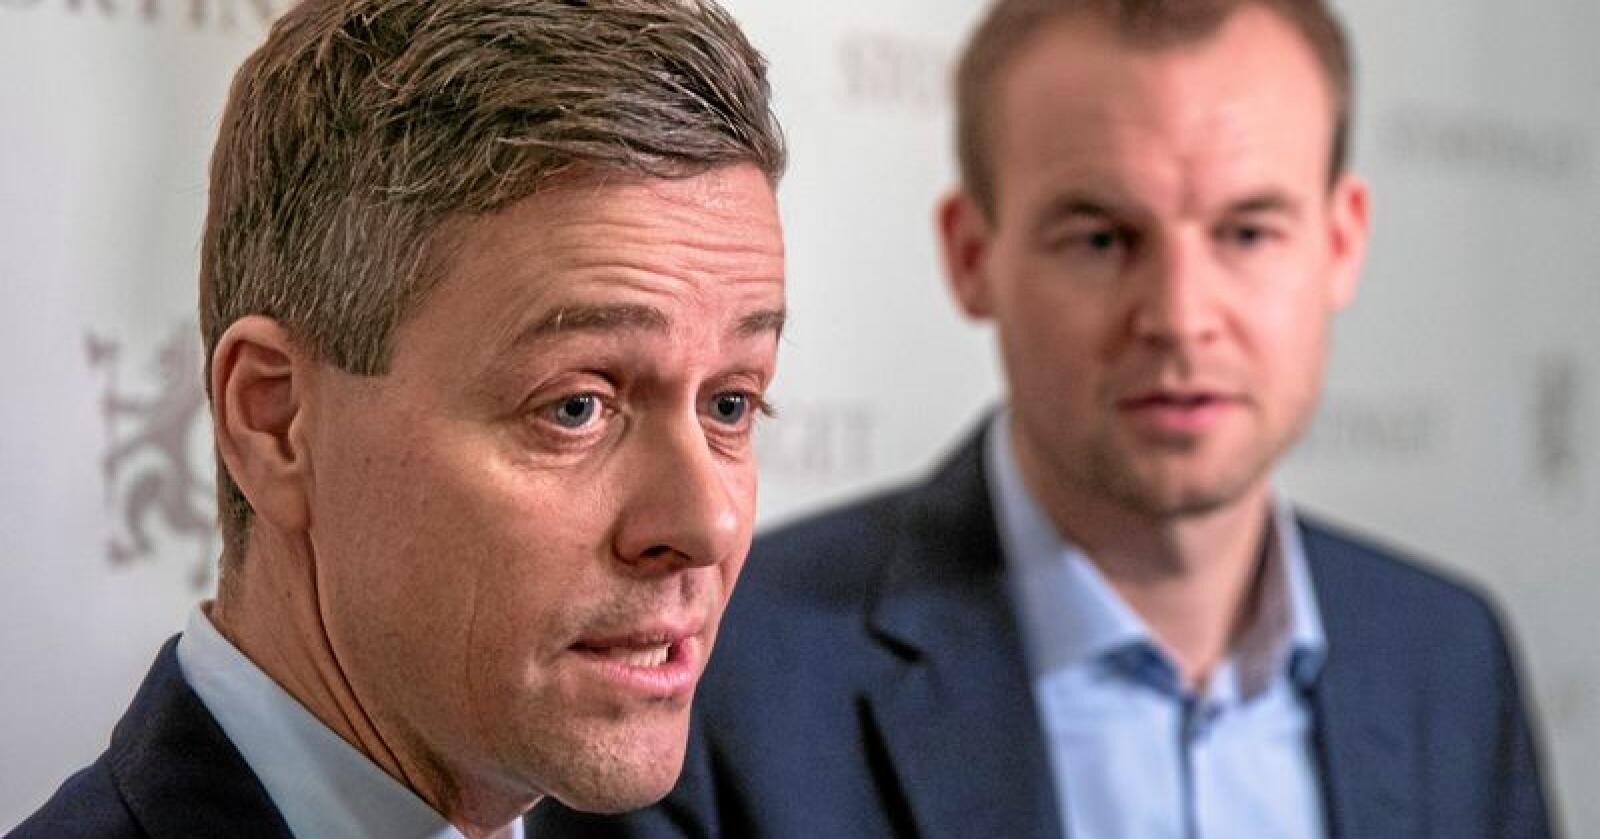 KrFs vararepresentant for Stortinget melder seg ut av KrF og inn i Senterpartiet. På bildet er Knut Arild Hareide (tv) og Kjell Ingolf Ropstad. Foto: Ole Berg-Rusten / NTB Scanpix